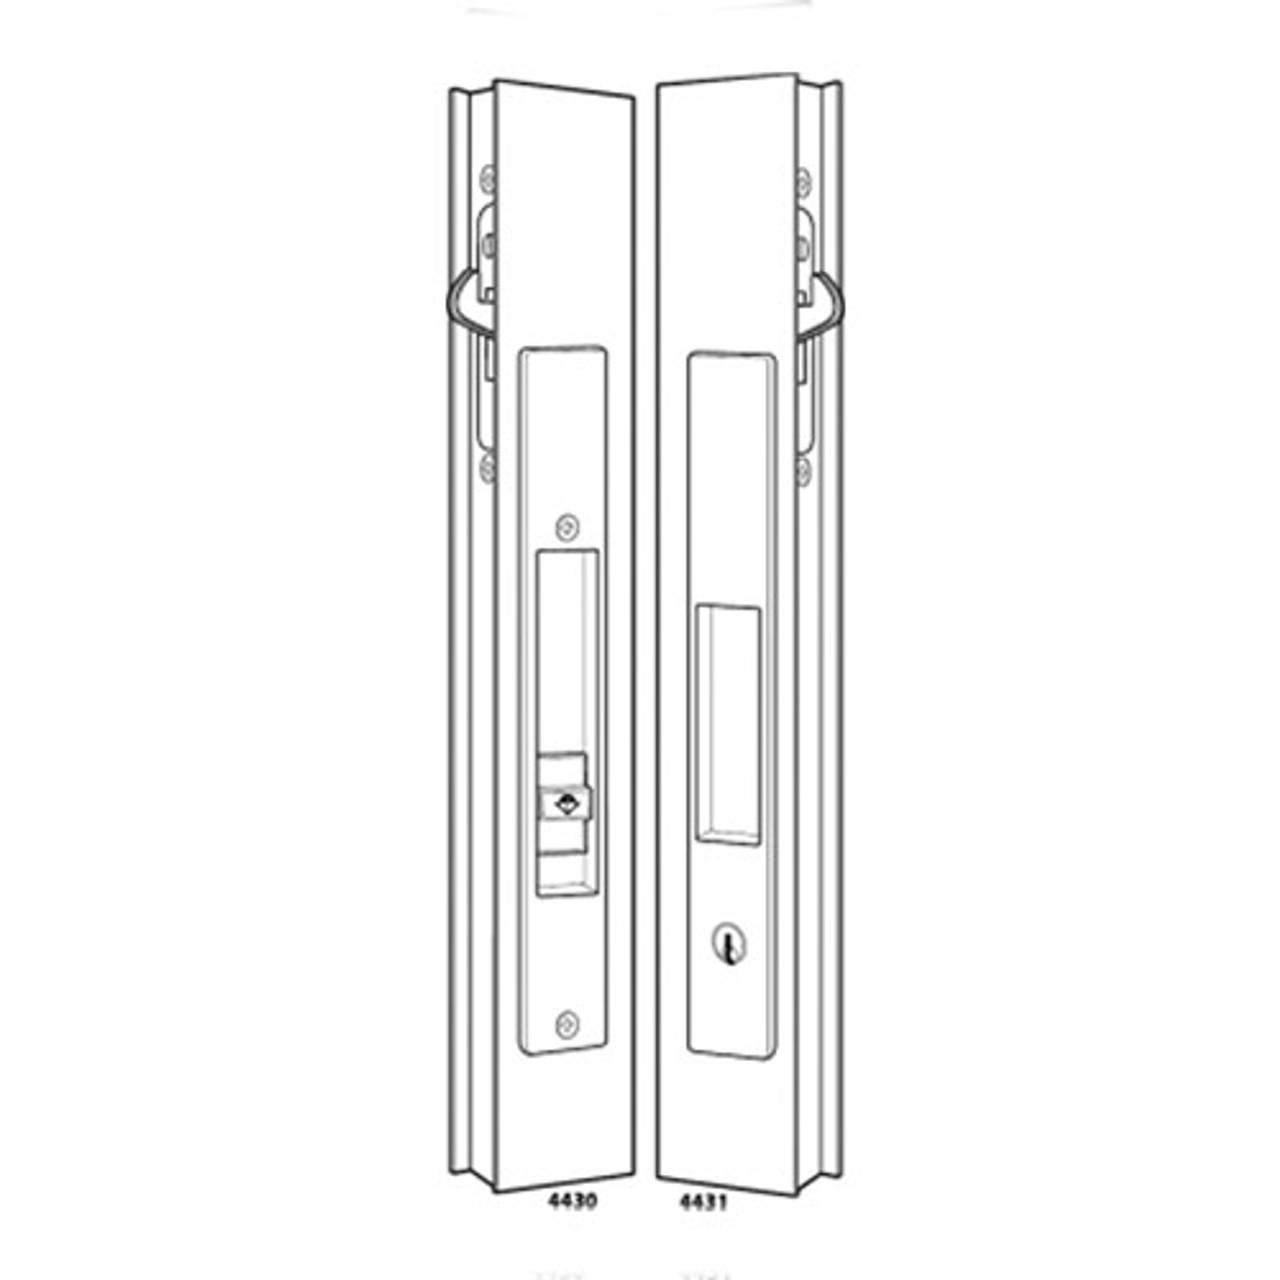 4431-10-00-IB Adams Rite Flush Locksets for Sliding Doors Including Deadlock